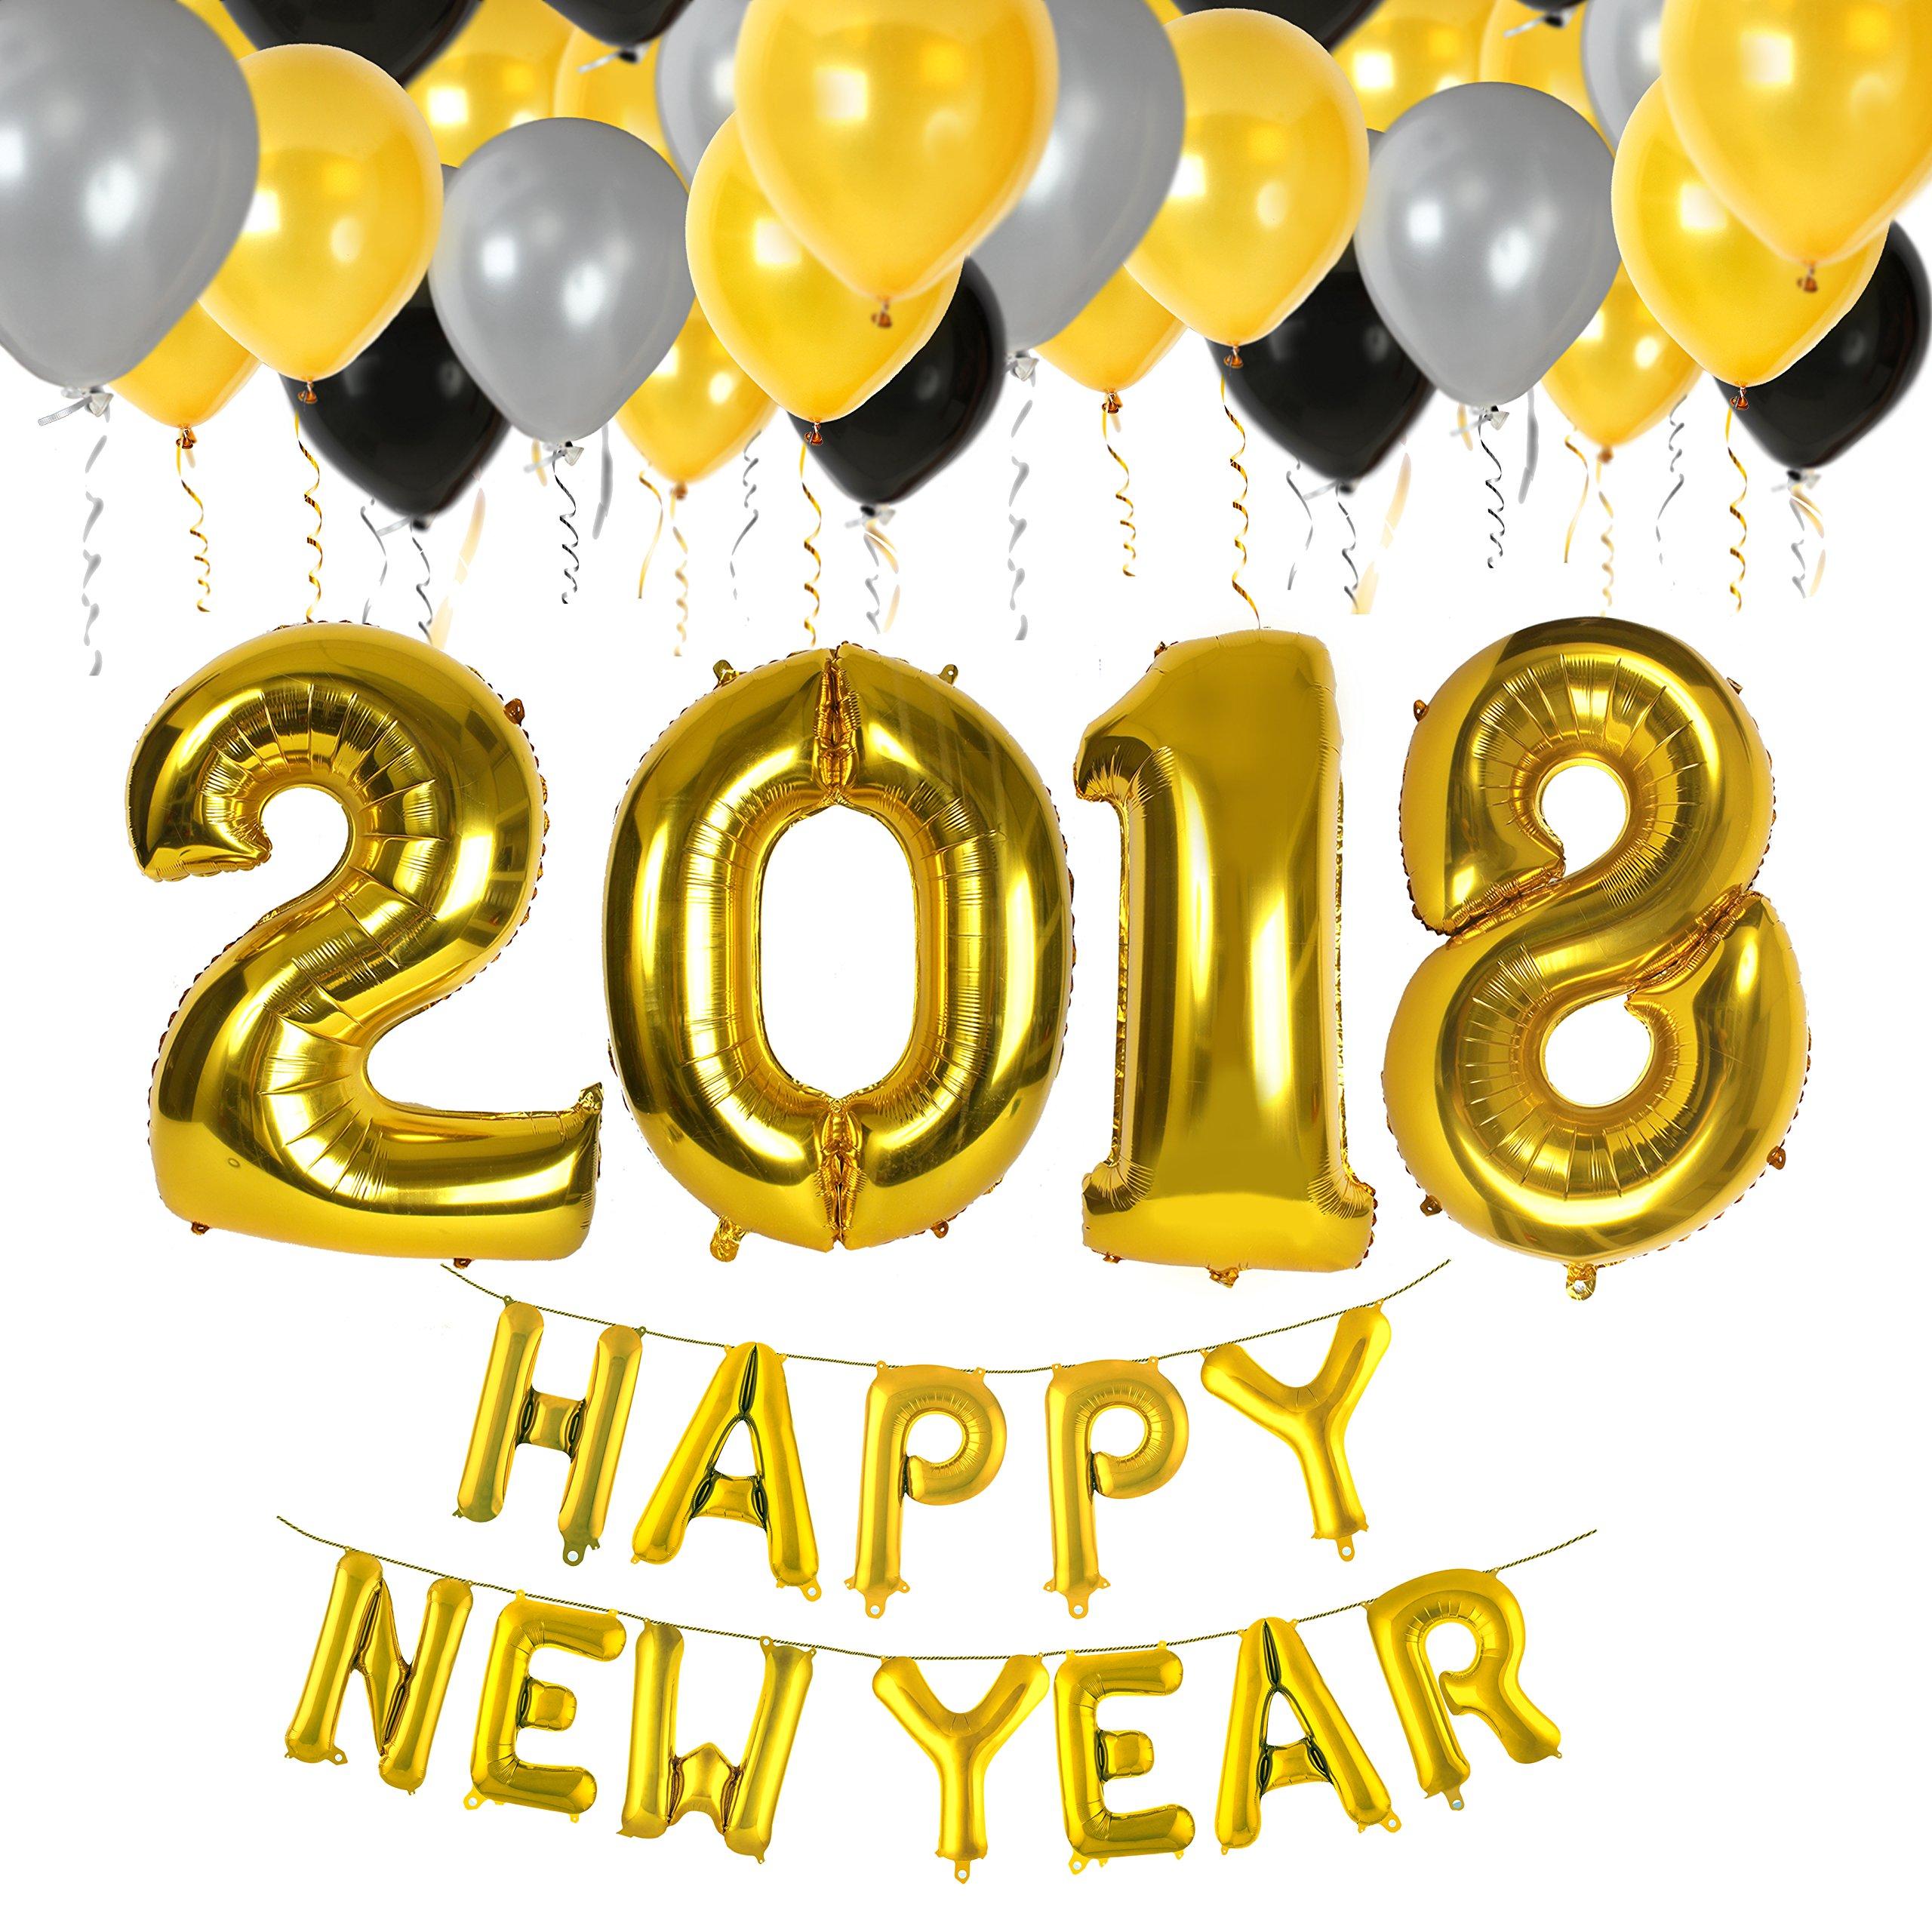 Buy Happy New Years Now!